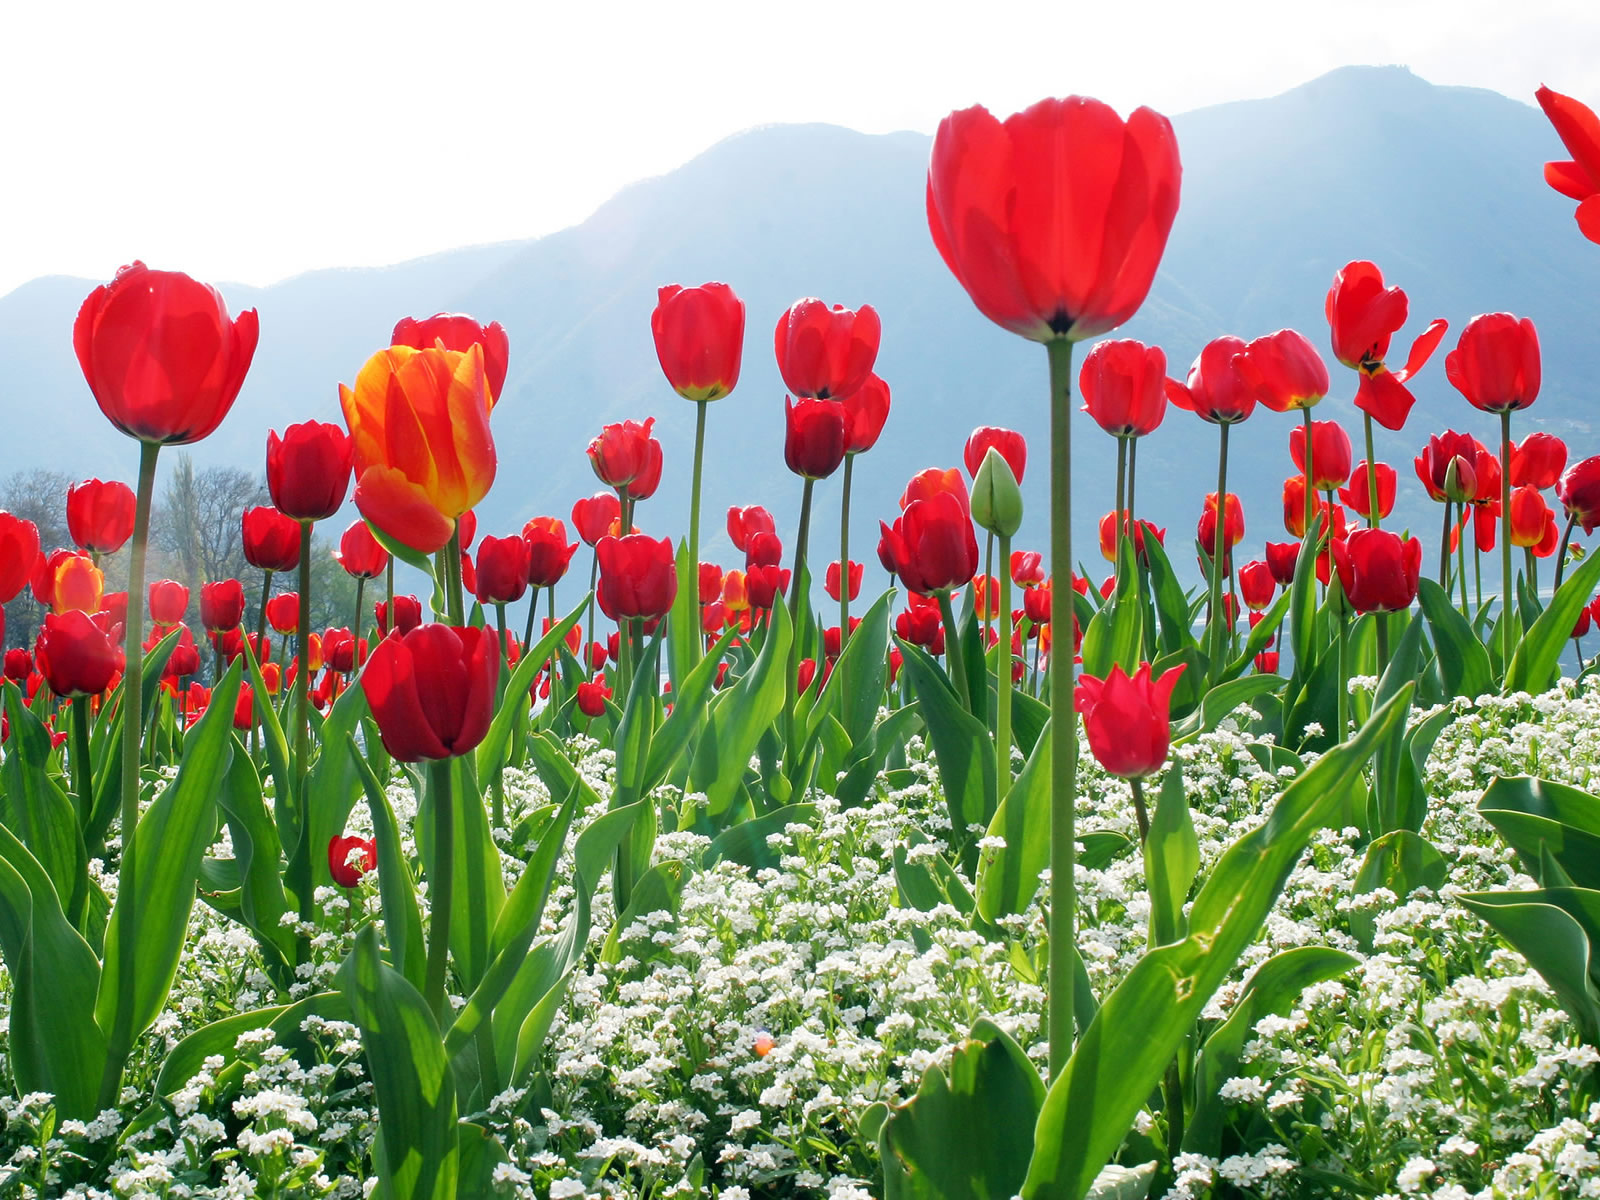 http://2.bp.blogspot.com/_RAlP3BmEW1Q/TQNcGCfJ2OI/AAAAAAAABC4/qWyYegPxsrk/s1600/Bloemen-achtergronden-bloemen-wallpapers-46.jpg